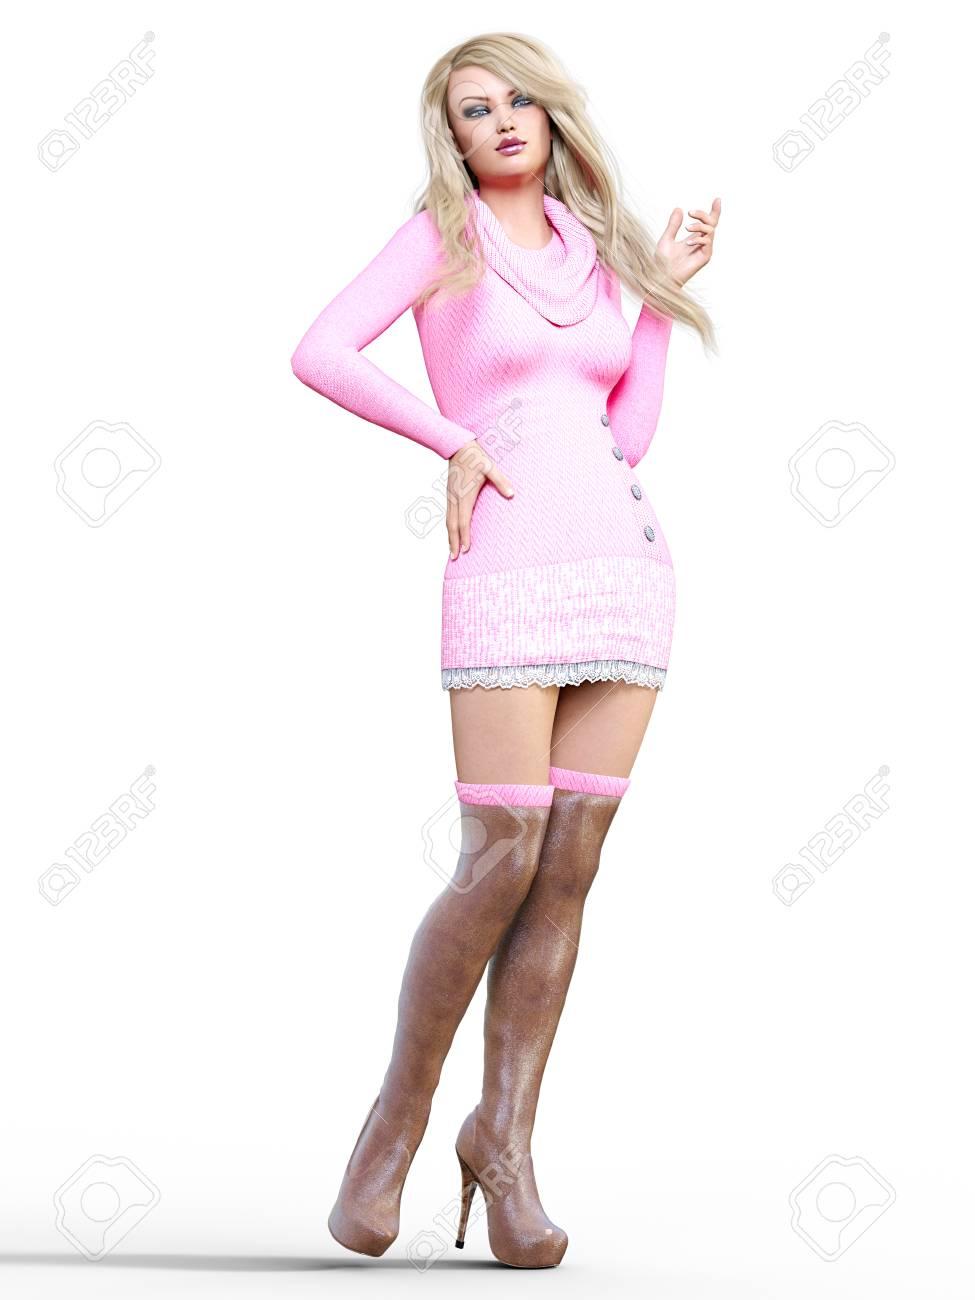 Vestido corto y botas largas